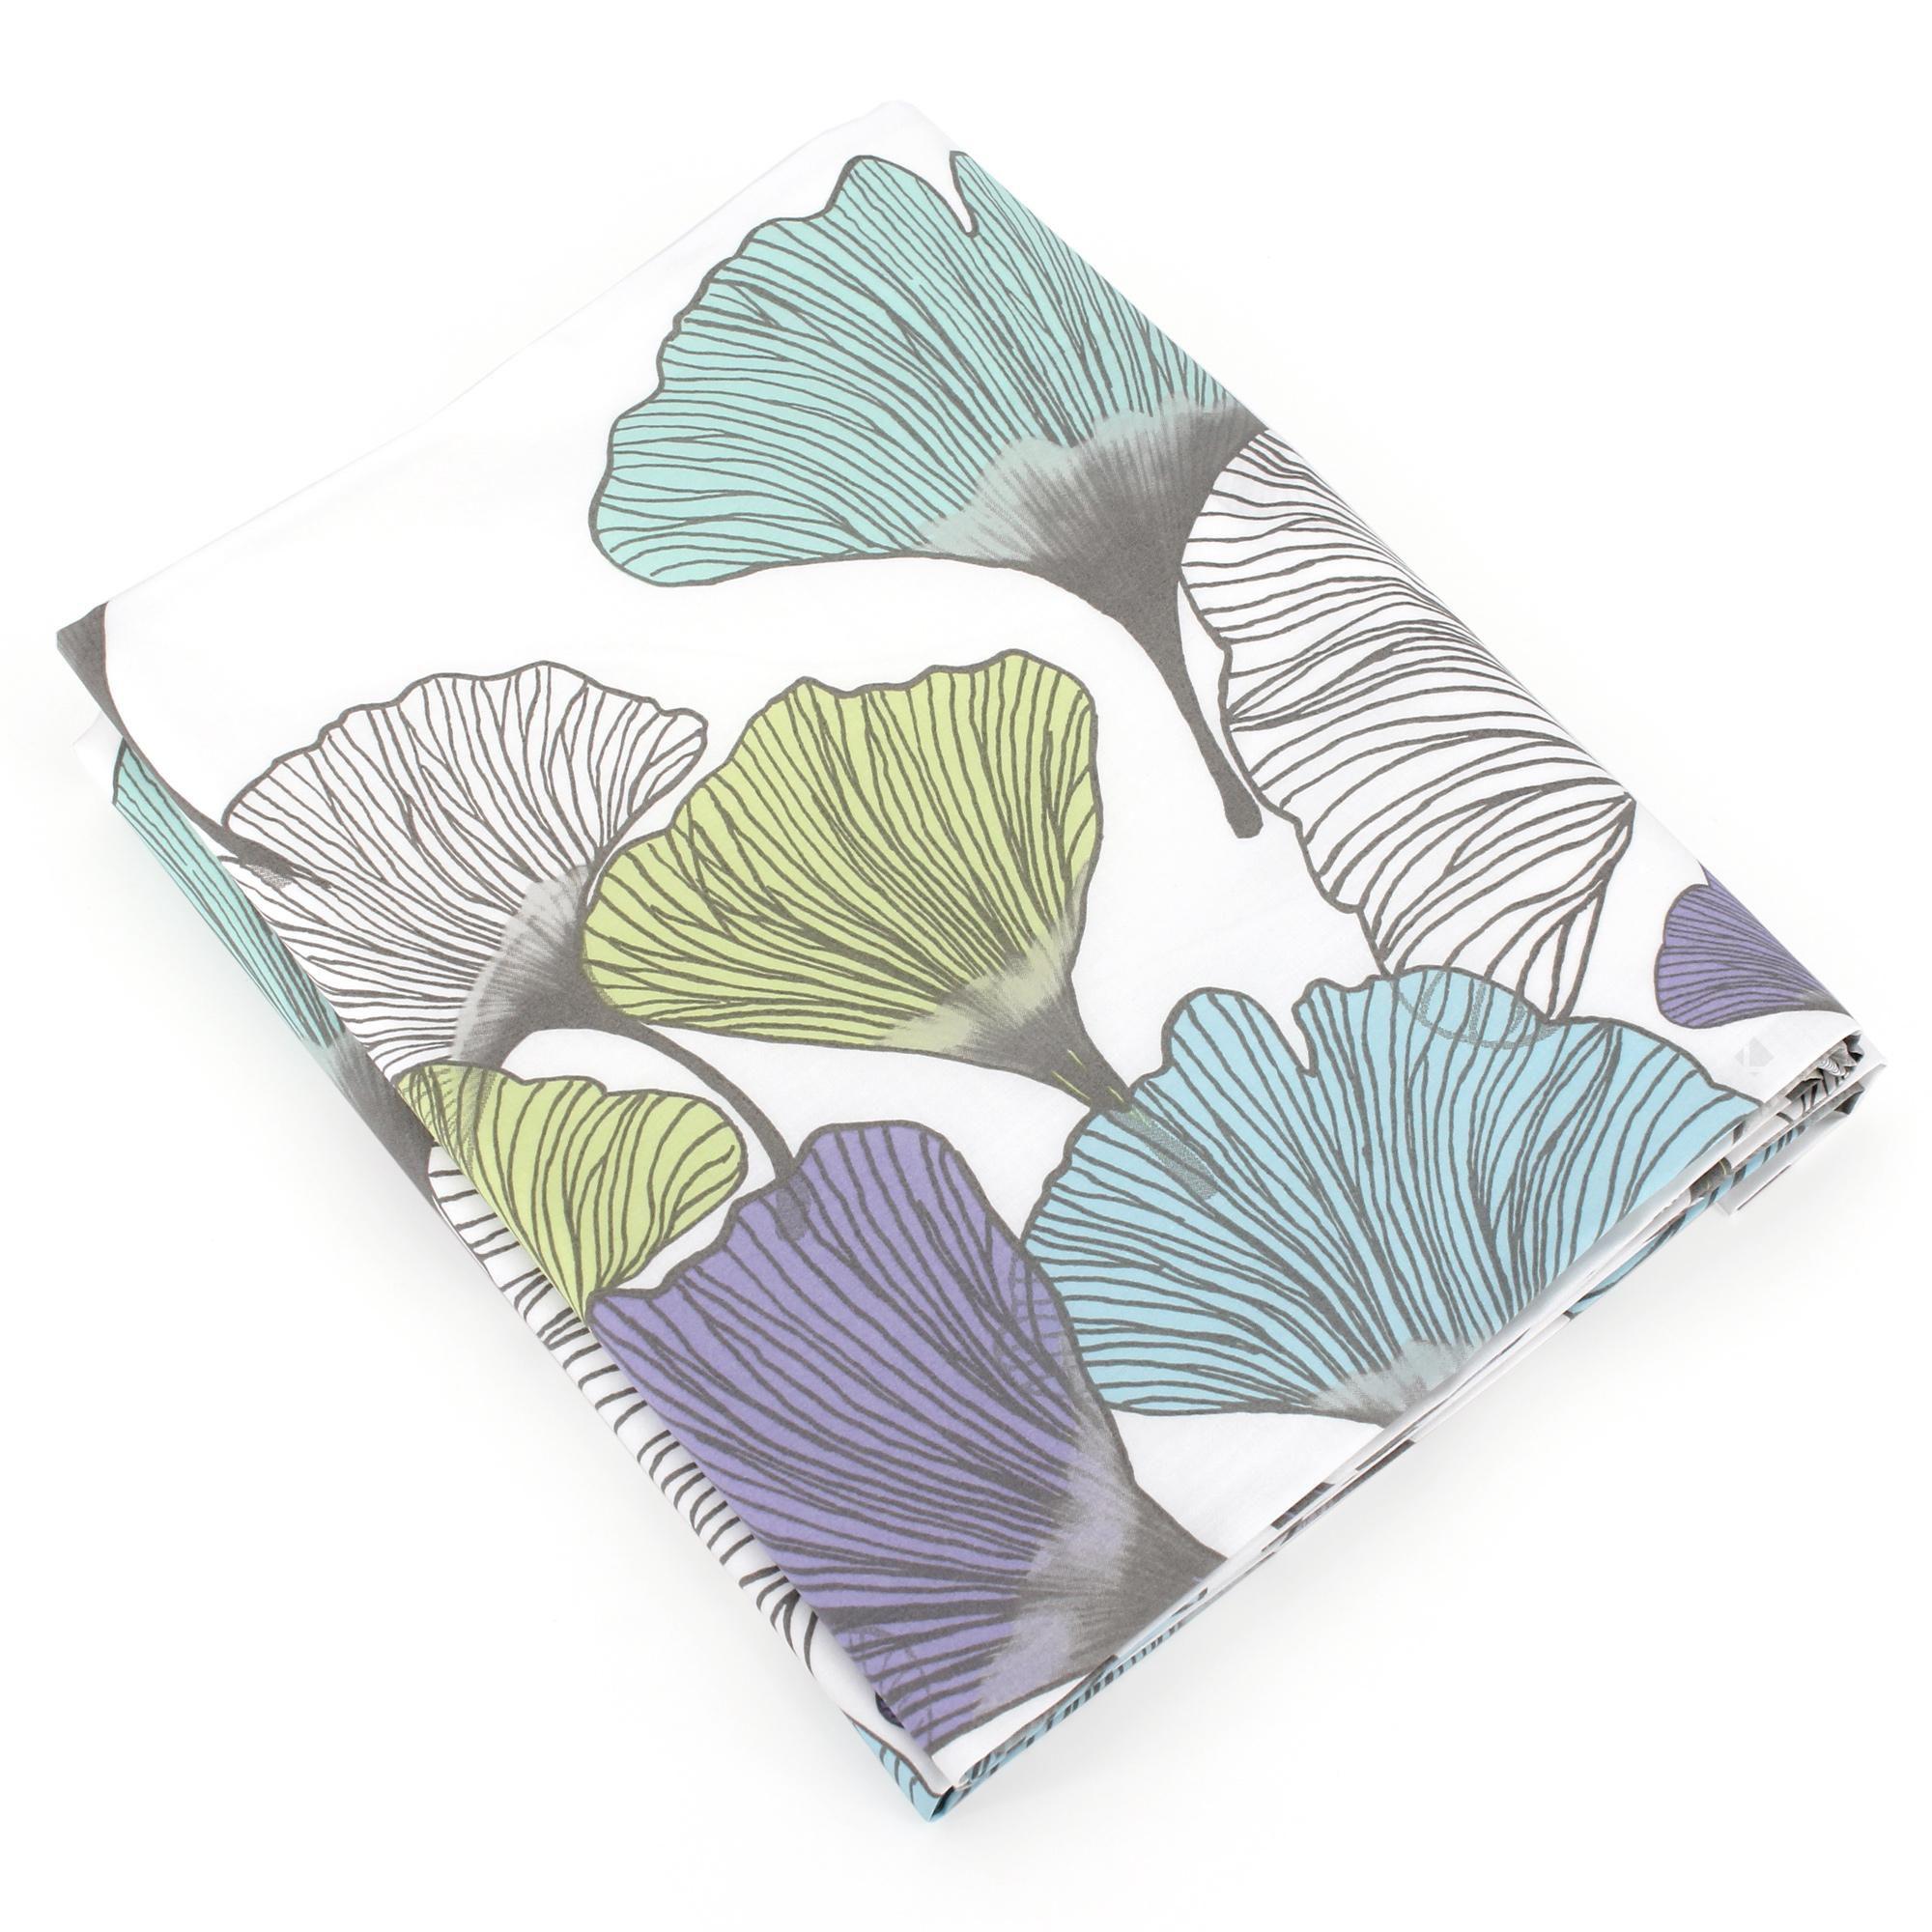 Drap plat 280x325 cm Percale pur coton GINKGO Blanc Autre Multicolore